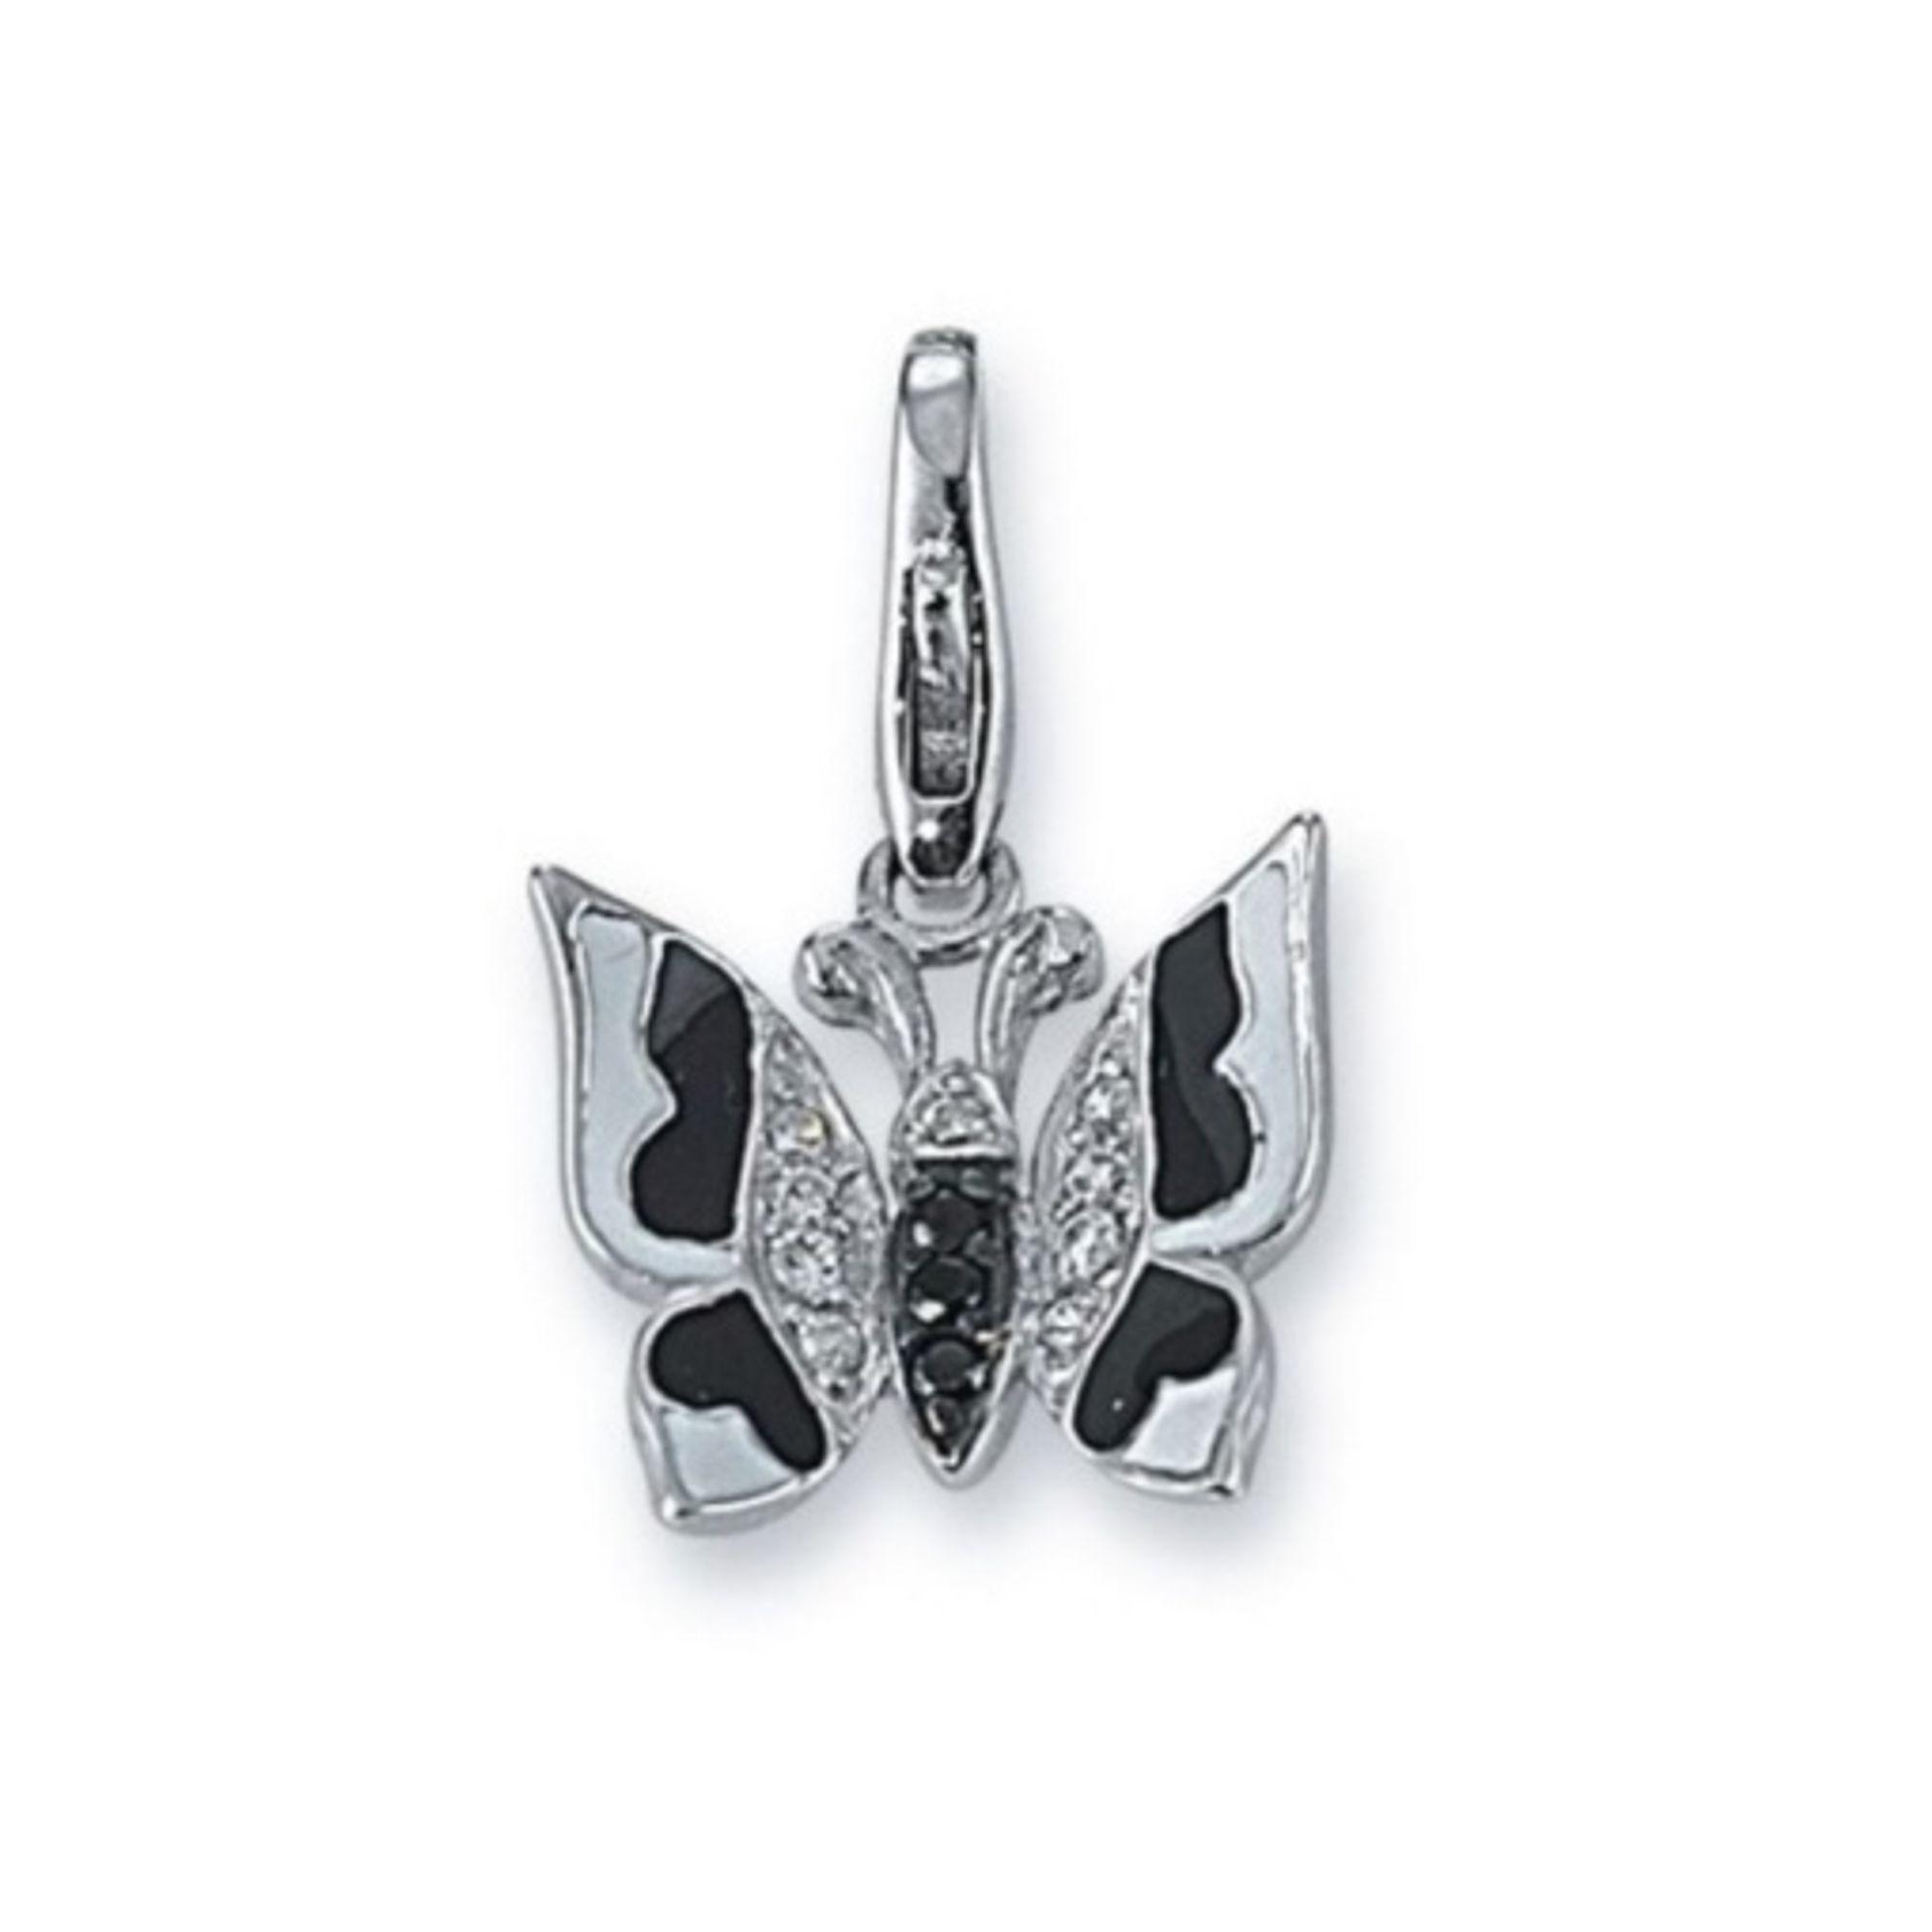 GOOIX Charms GXC366 Anhänger Silber Schmetterling schwarz